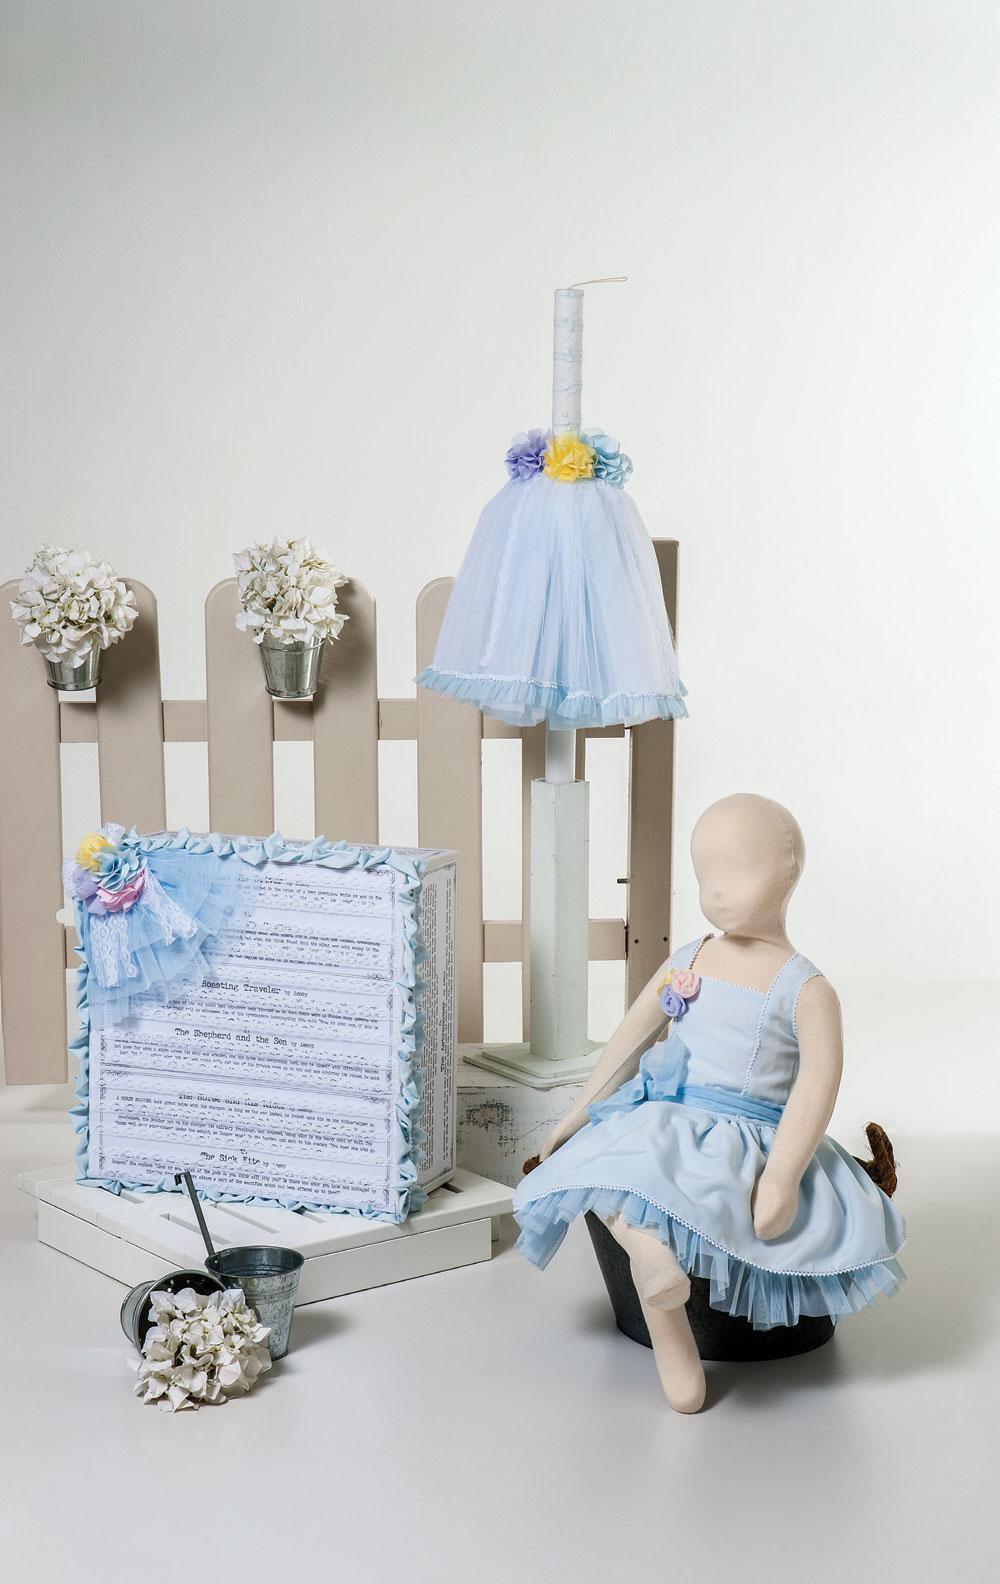 1420 - φόρεμα από σιέλ μουσελίνα και χειροποίητα λουλούδια